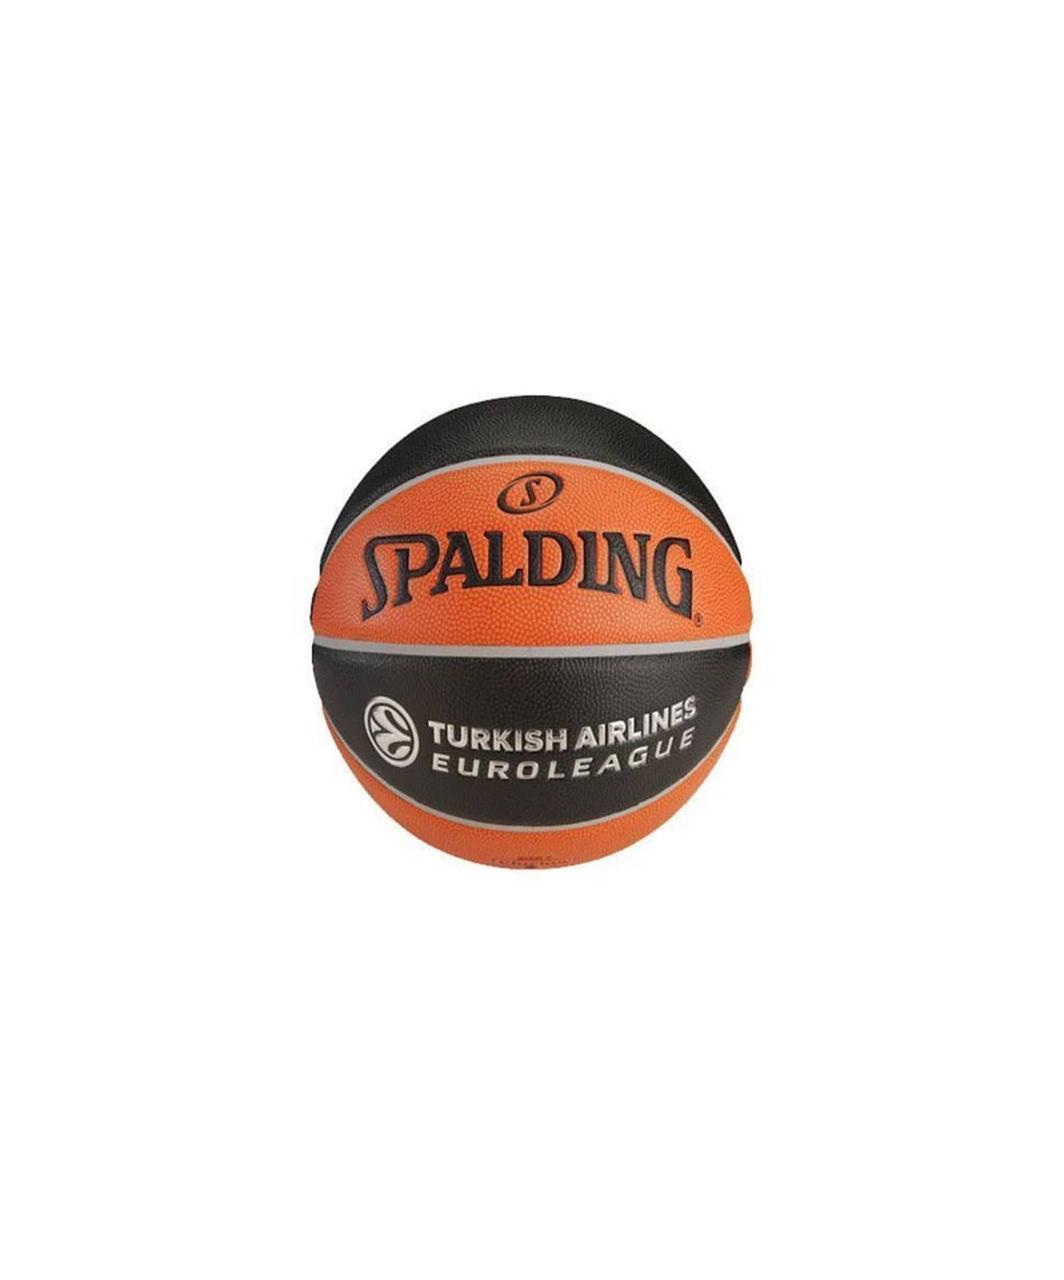 Мяч баскетбольный TF-1000 Euroleague, №7 Spalding